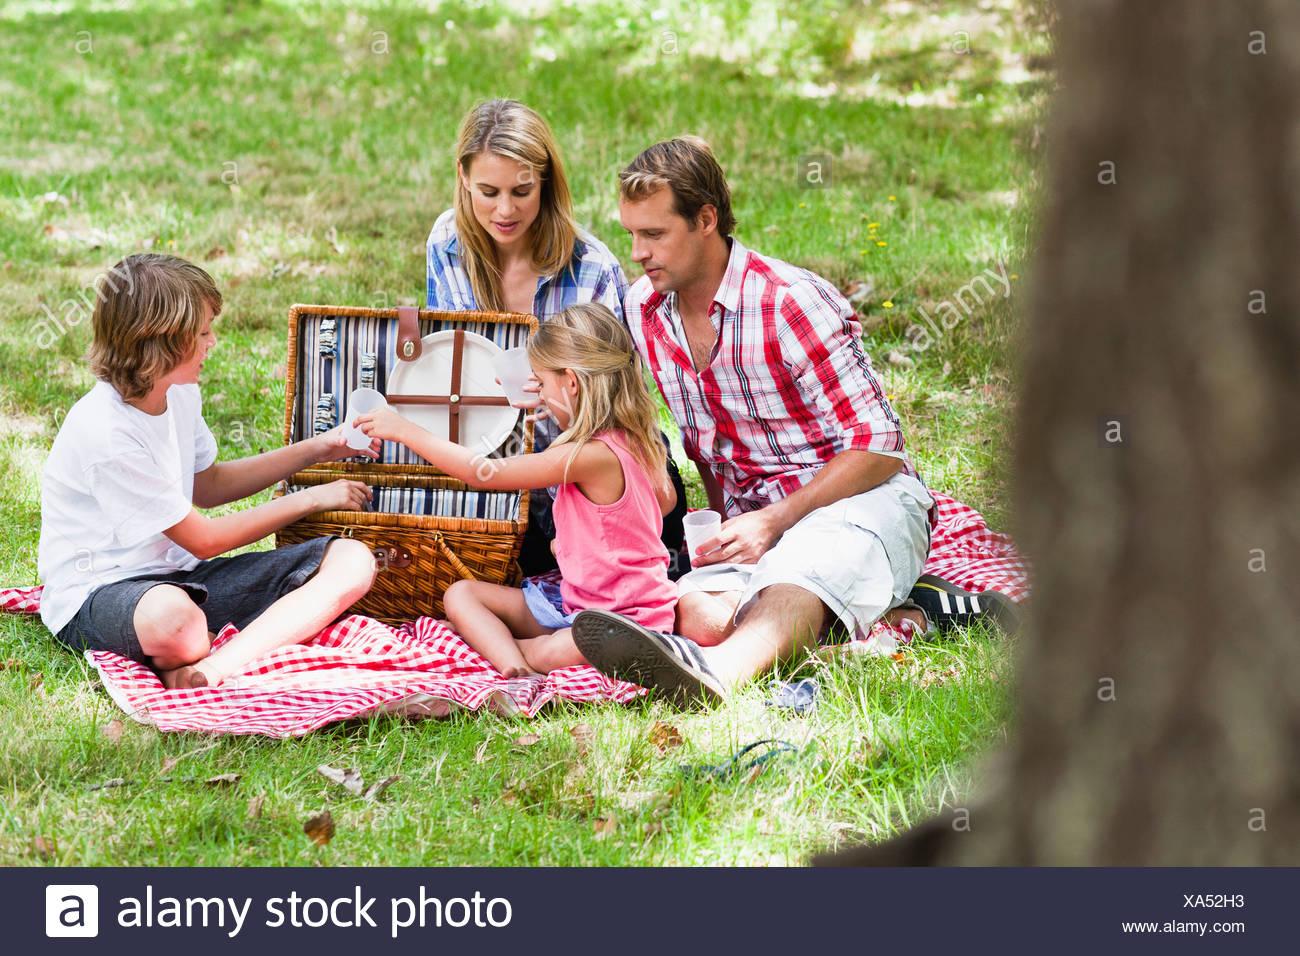 Family having picnic in park - Stock Image